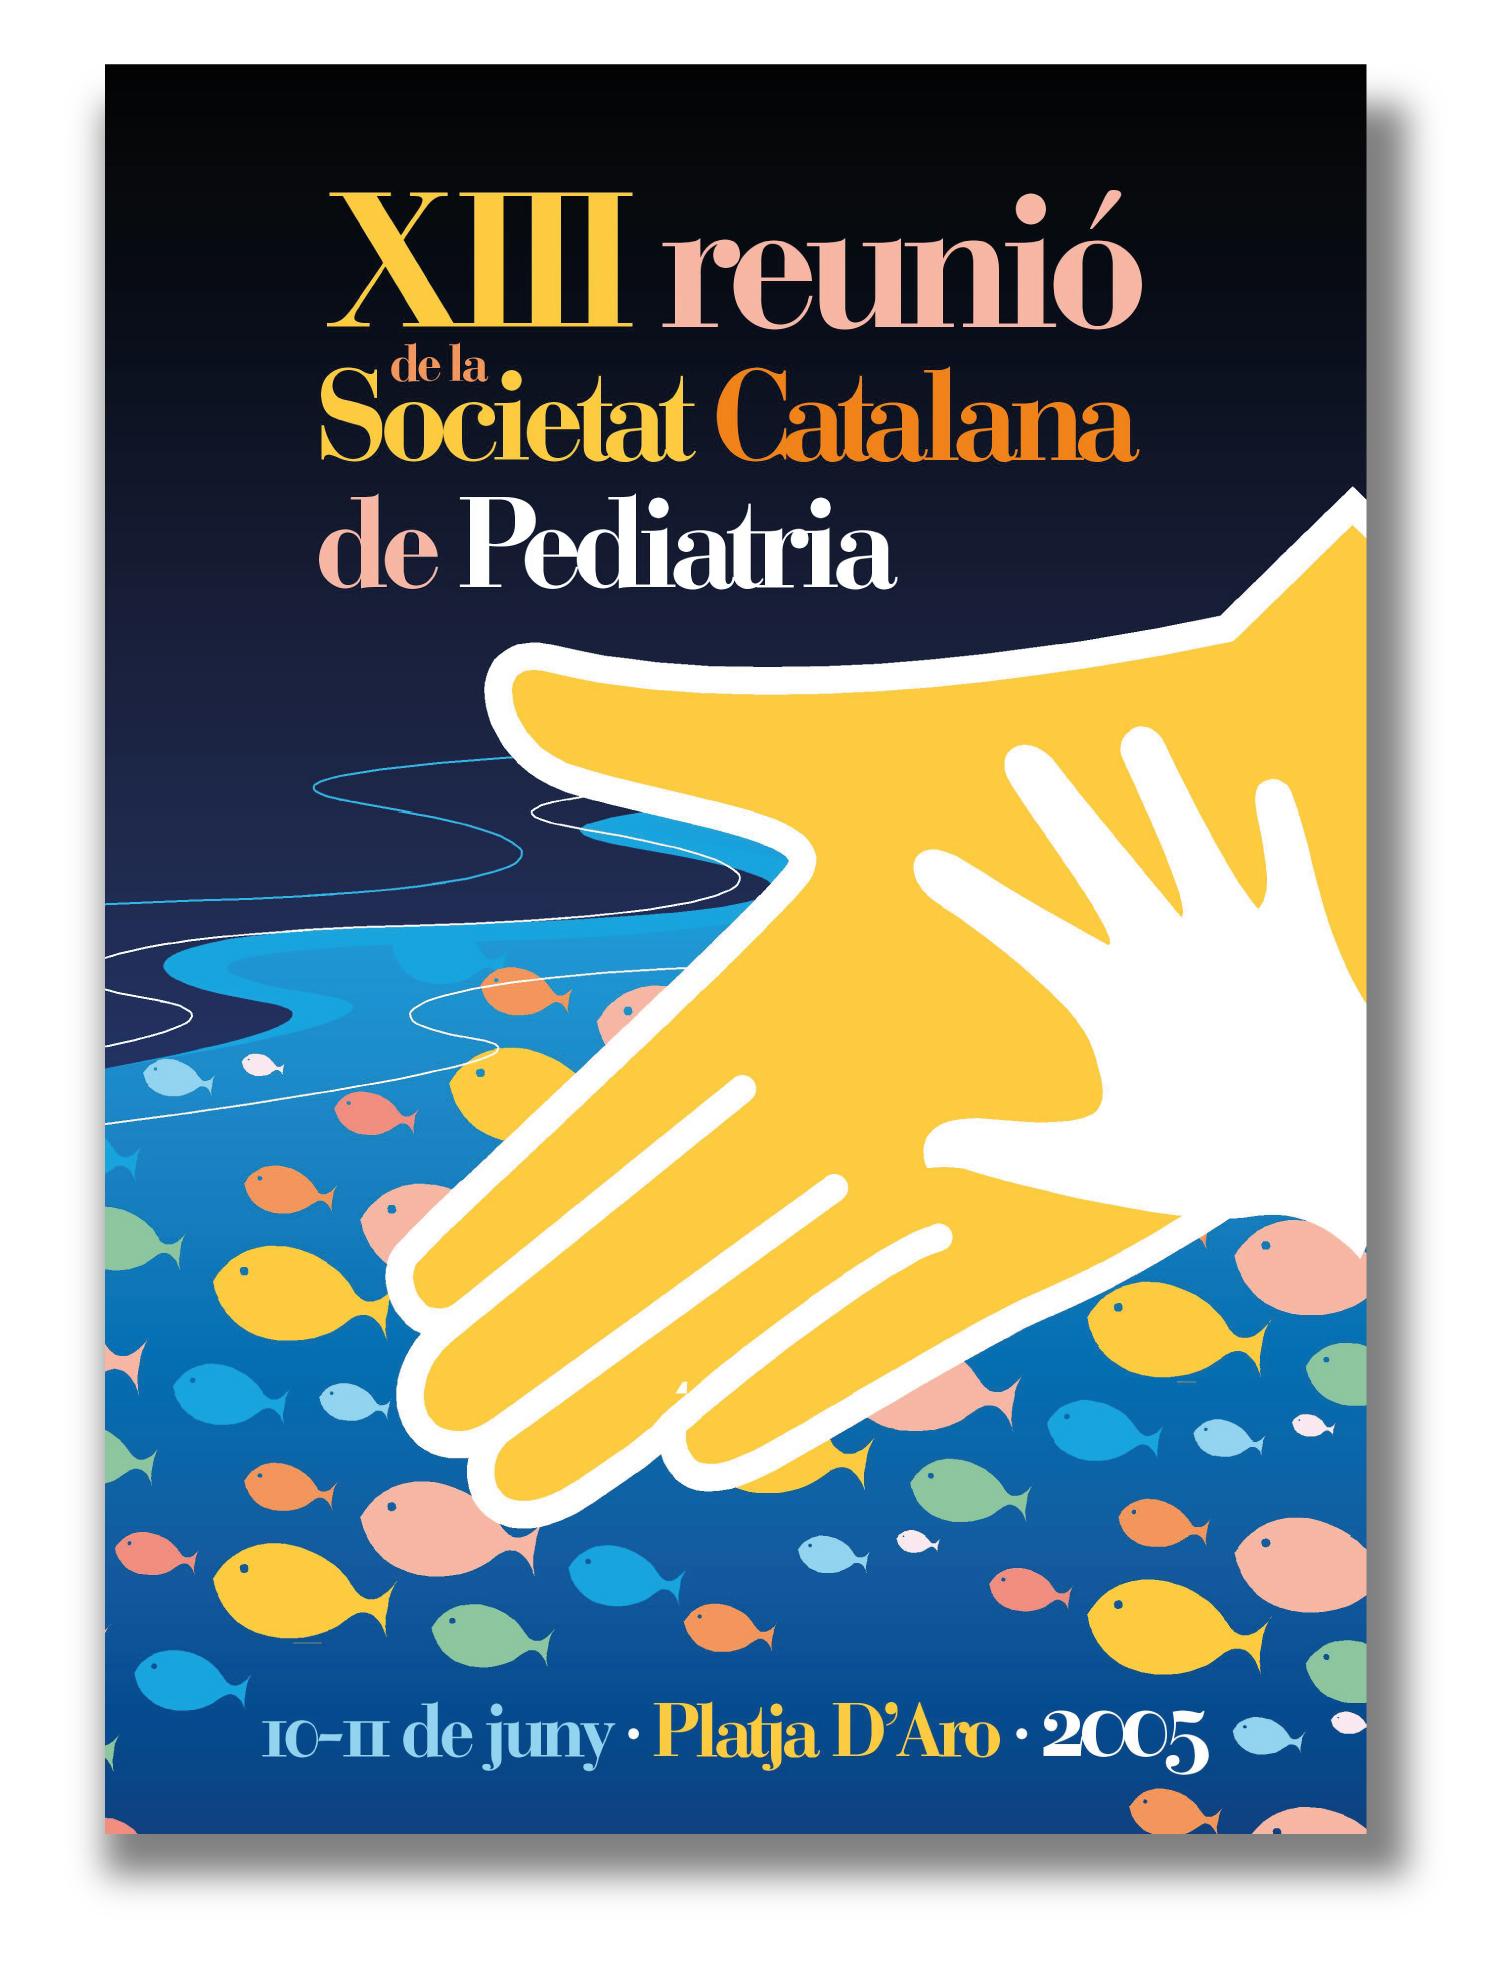 XIII reunió de la Societat catalana de Pediatria